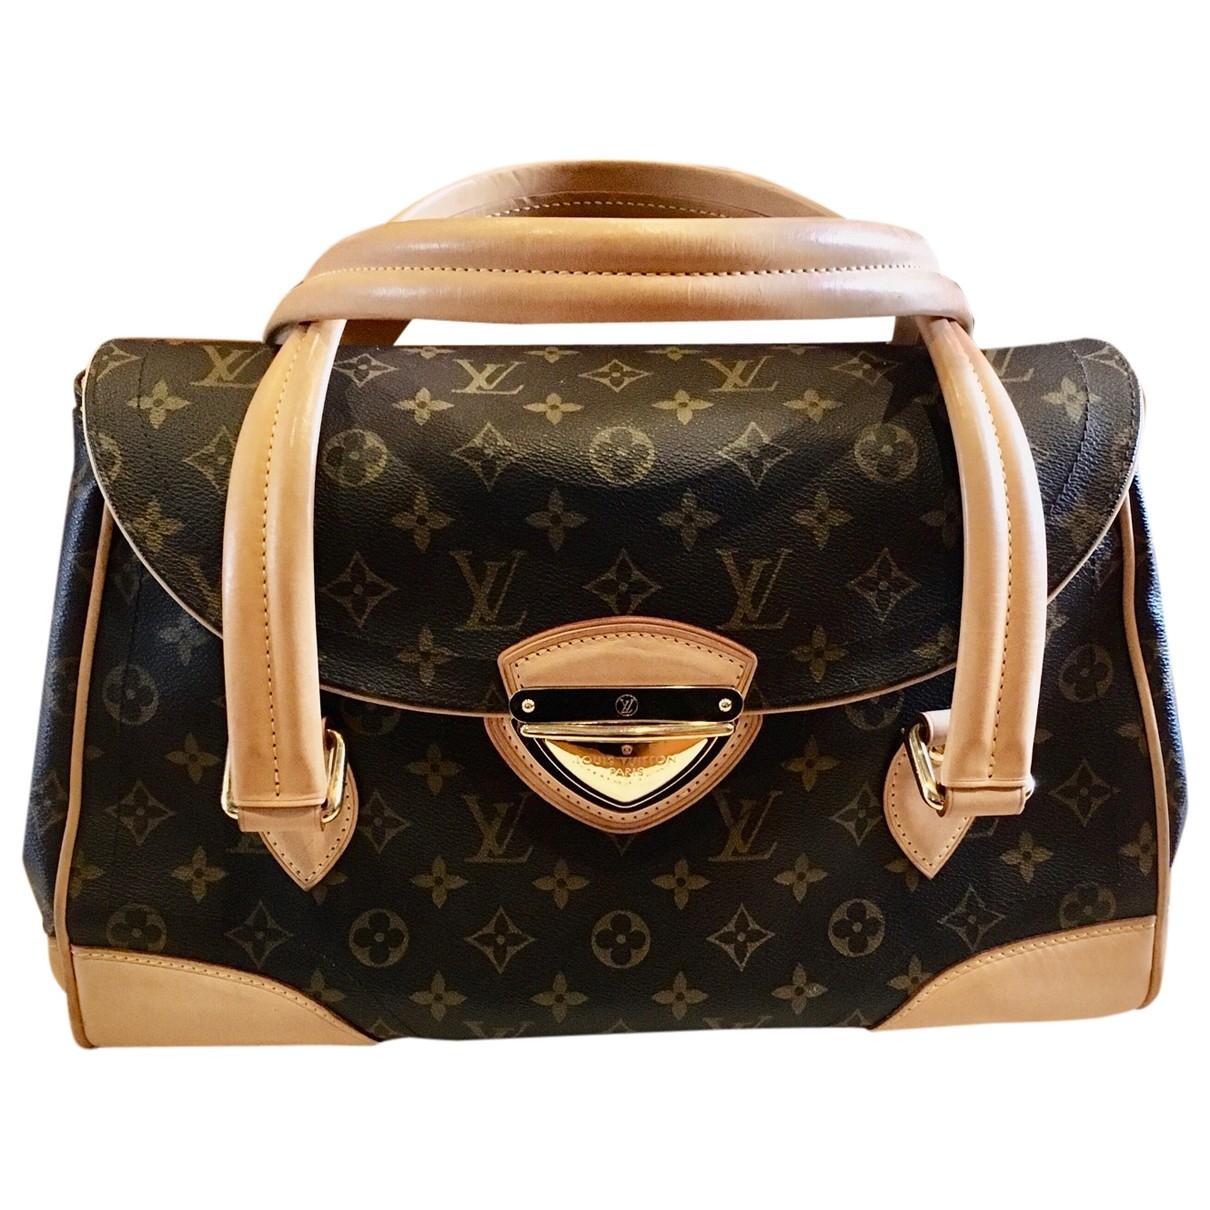 Louis Vuitton - Sac a main Beverly pour femme en toile - marron